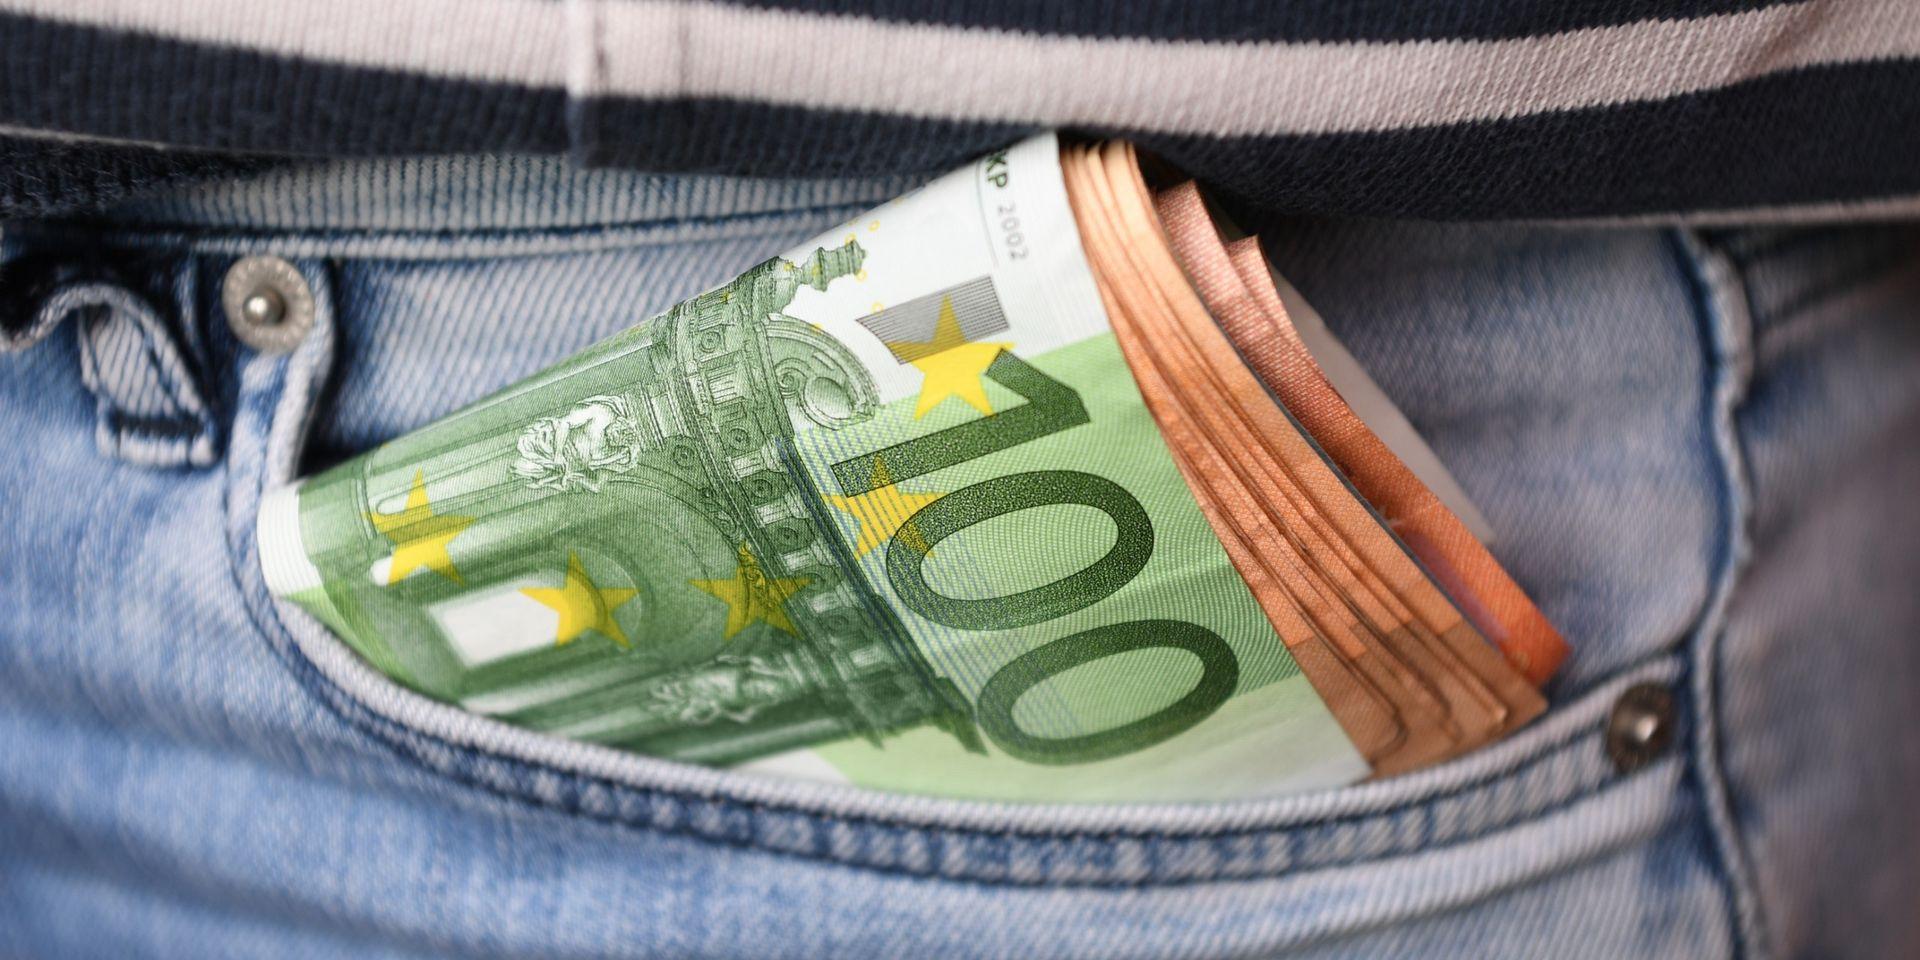 Sur La Paille, Il Imprime Ses Propres Billets De Banque - Dh avec Imprimer Faux Billet